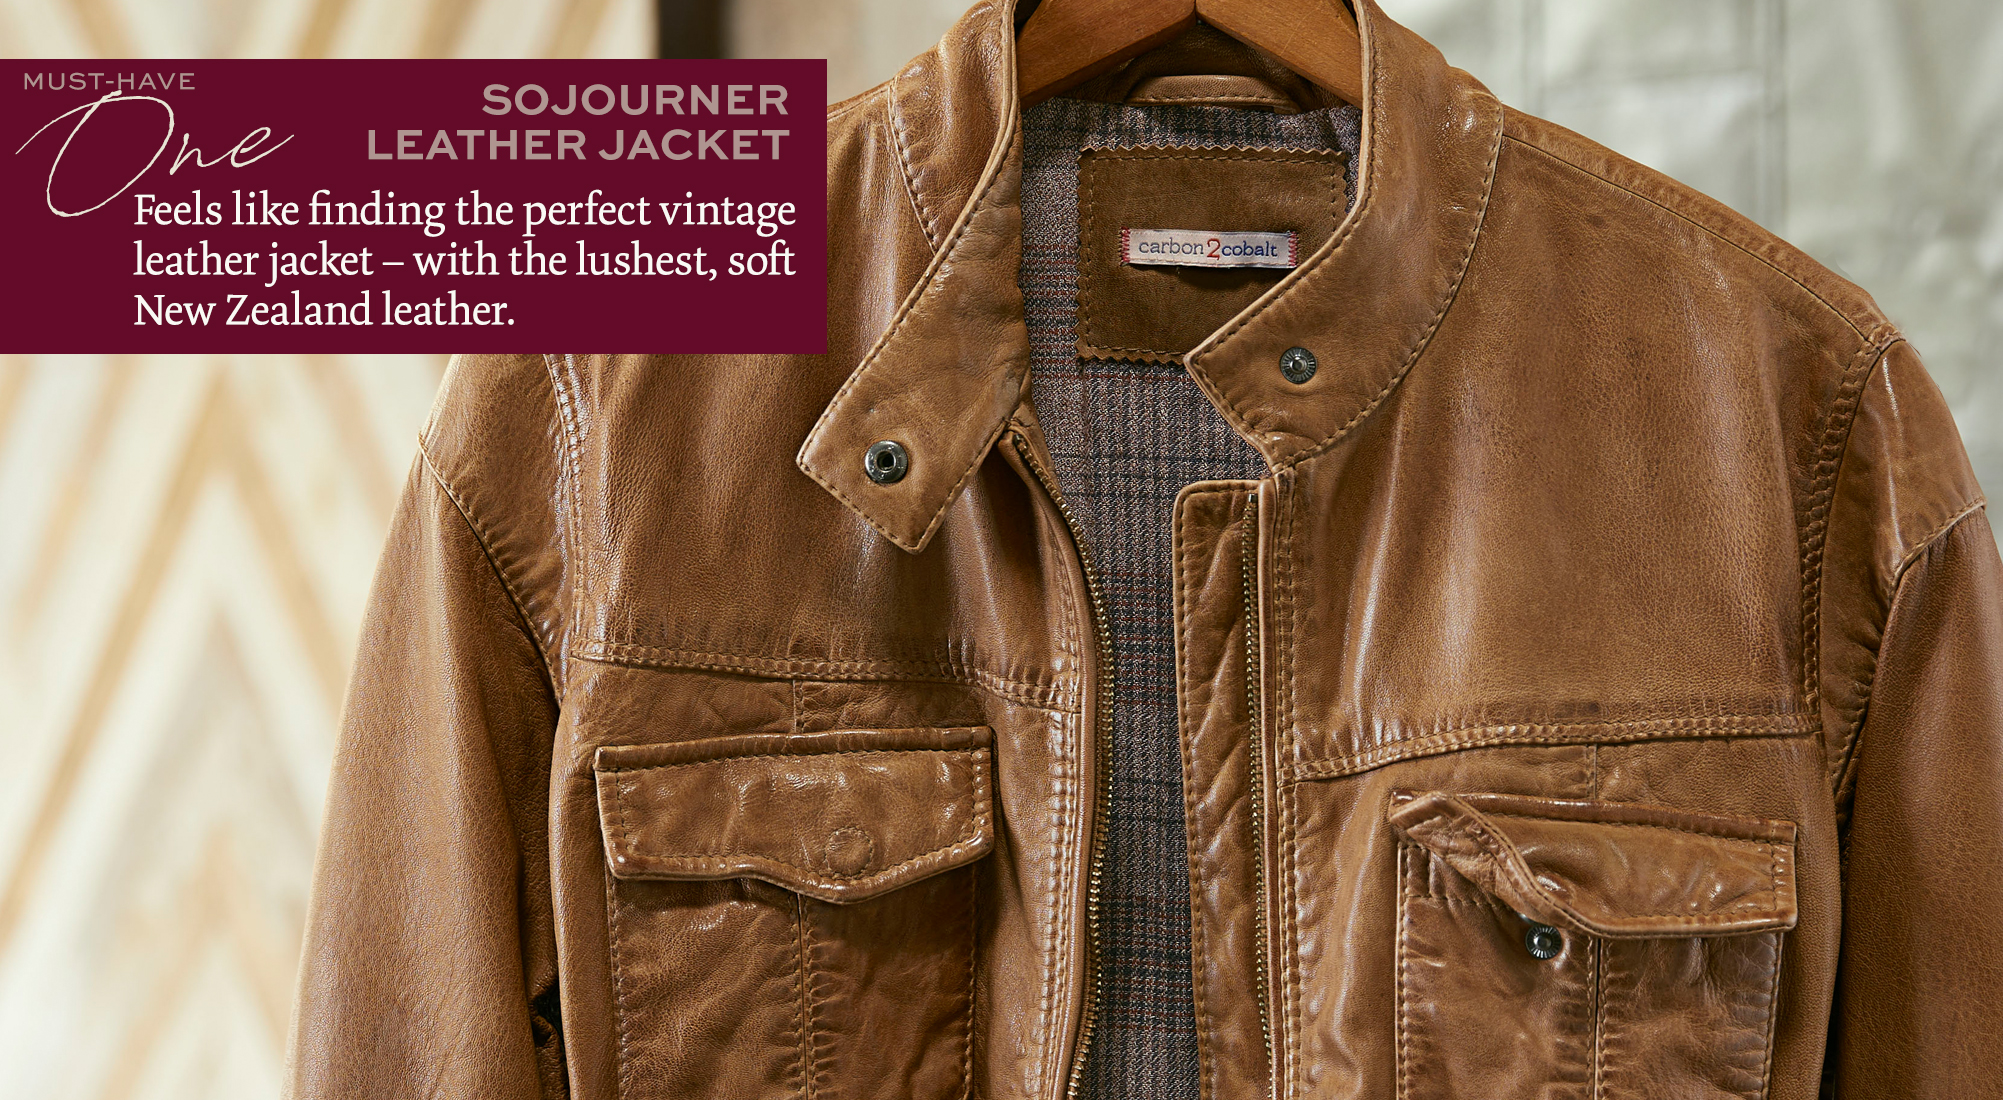 Sojourner Leather Jacket